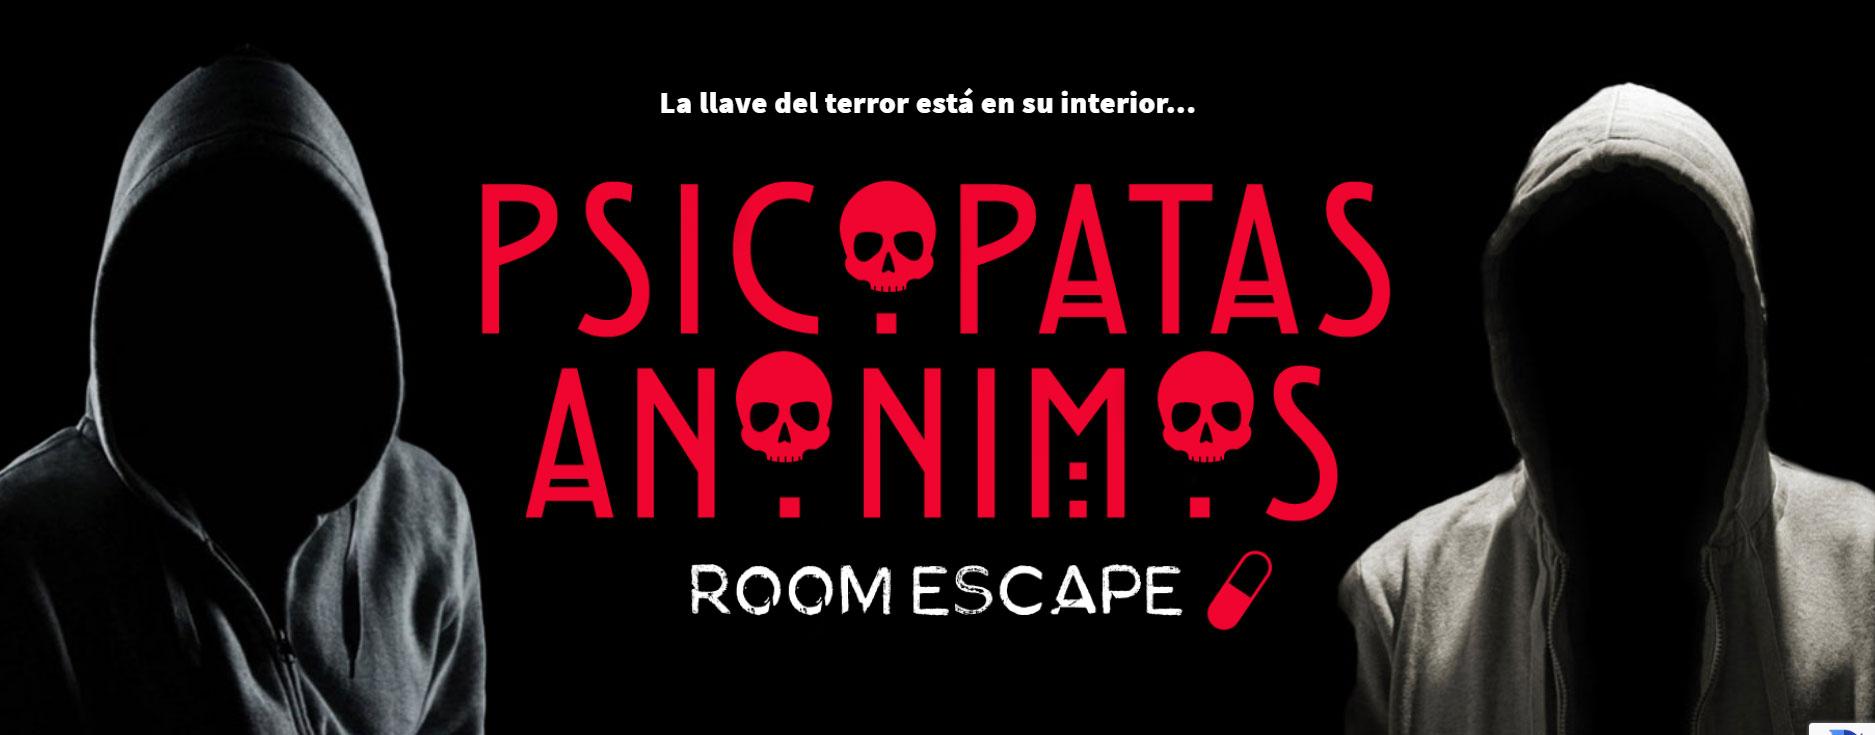 psicopatas anonimos escape room